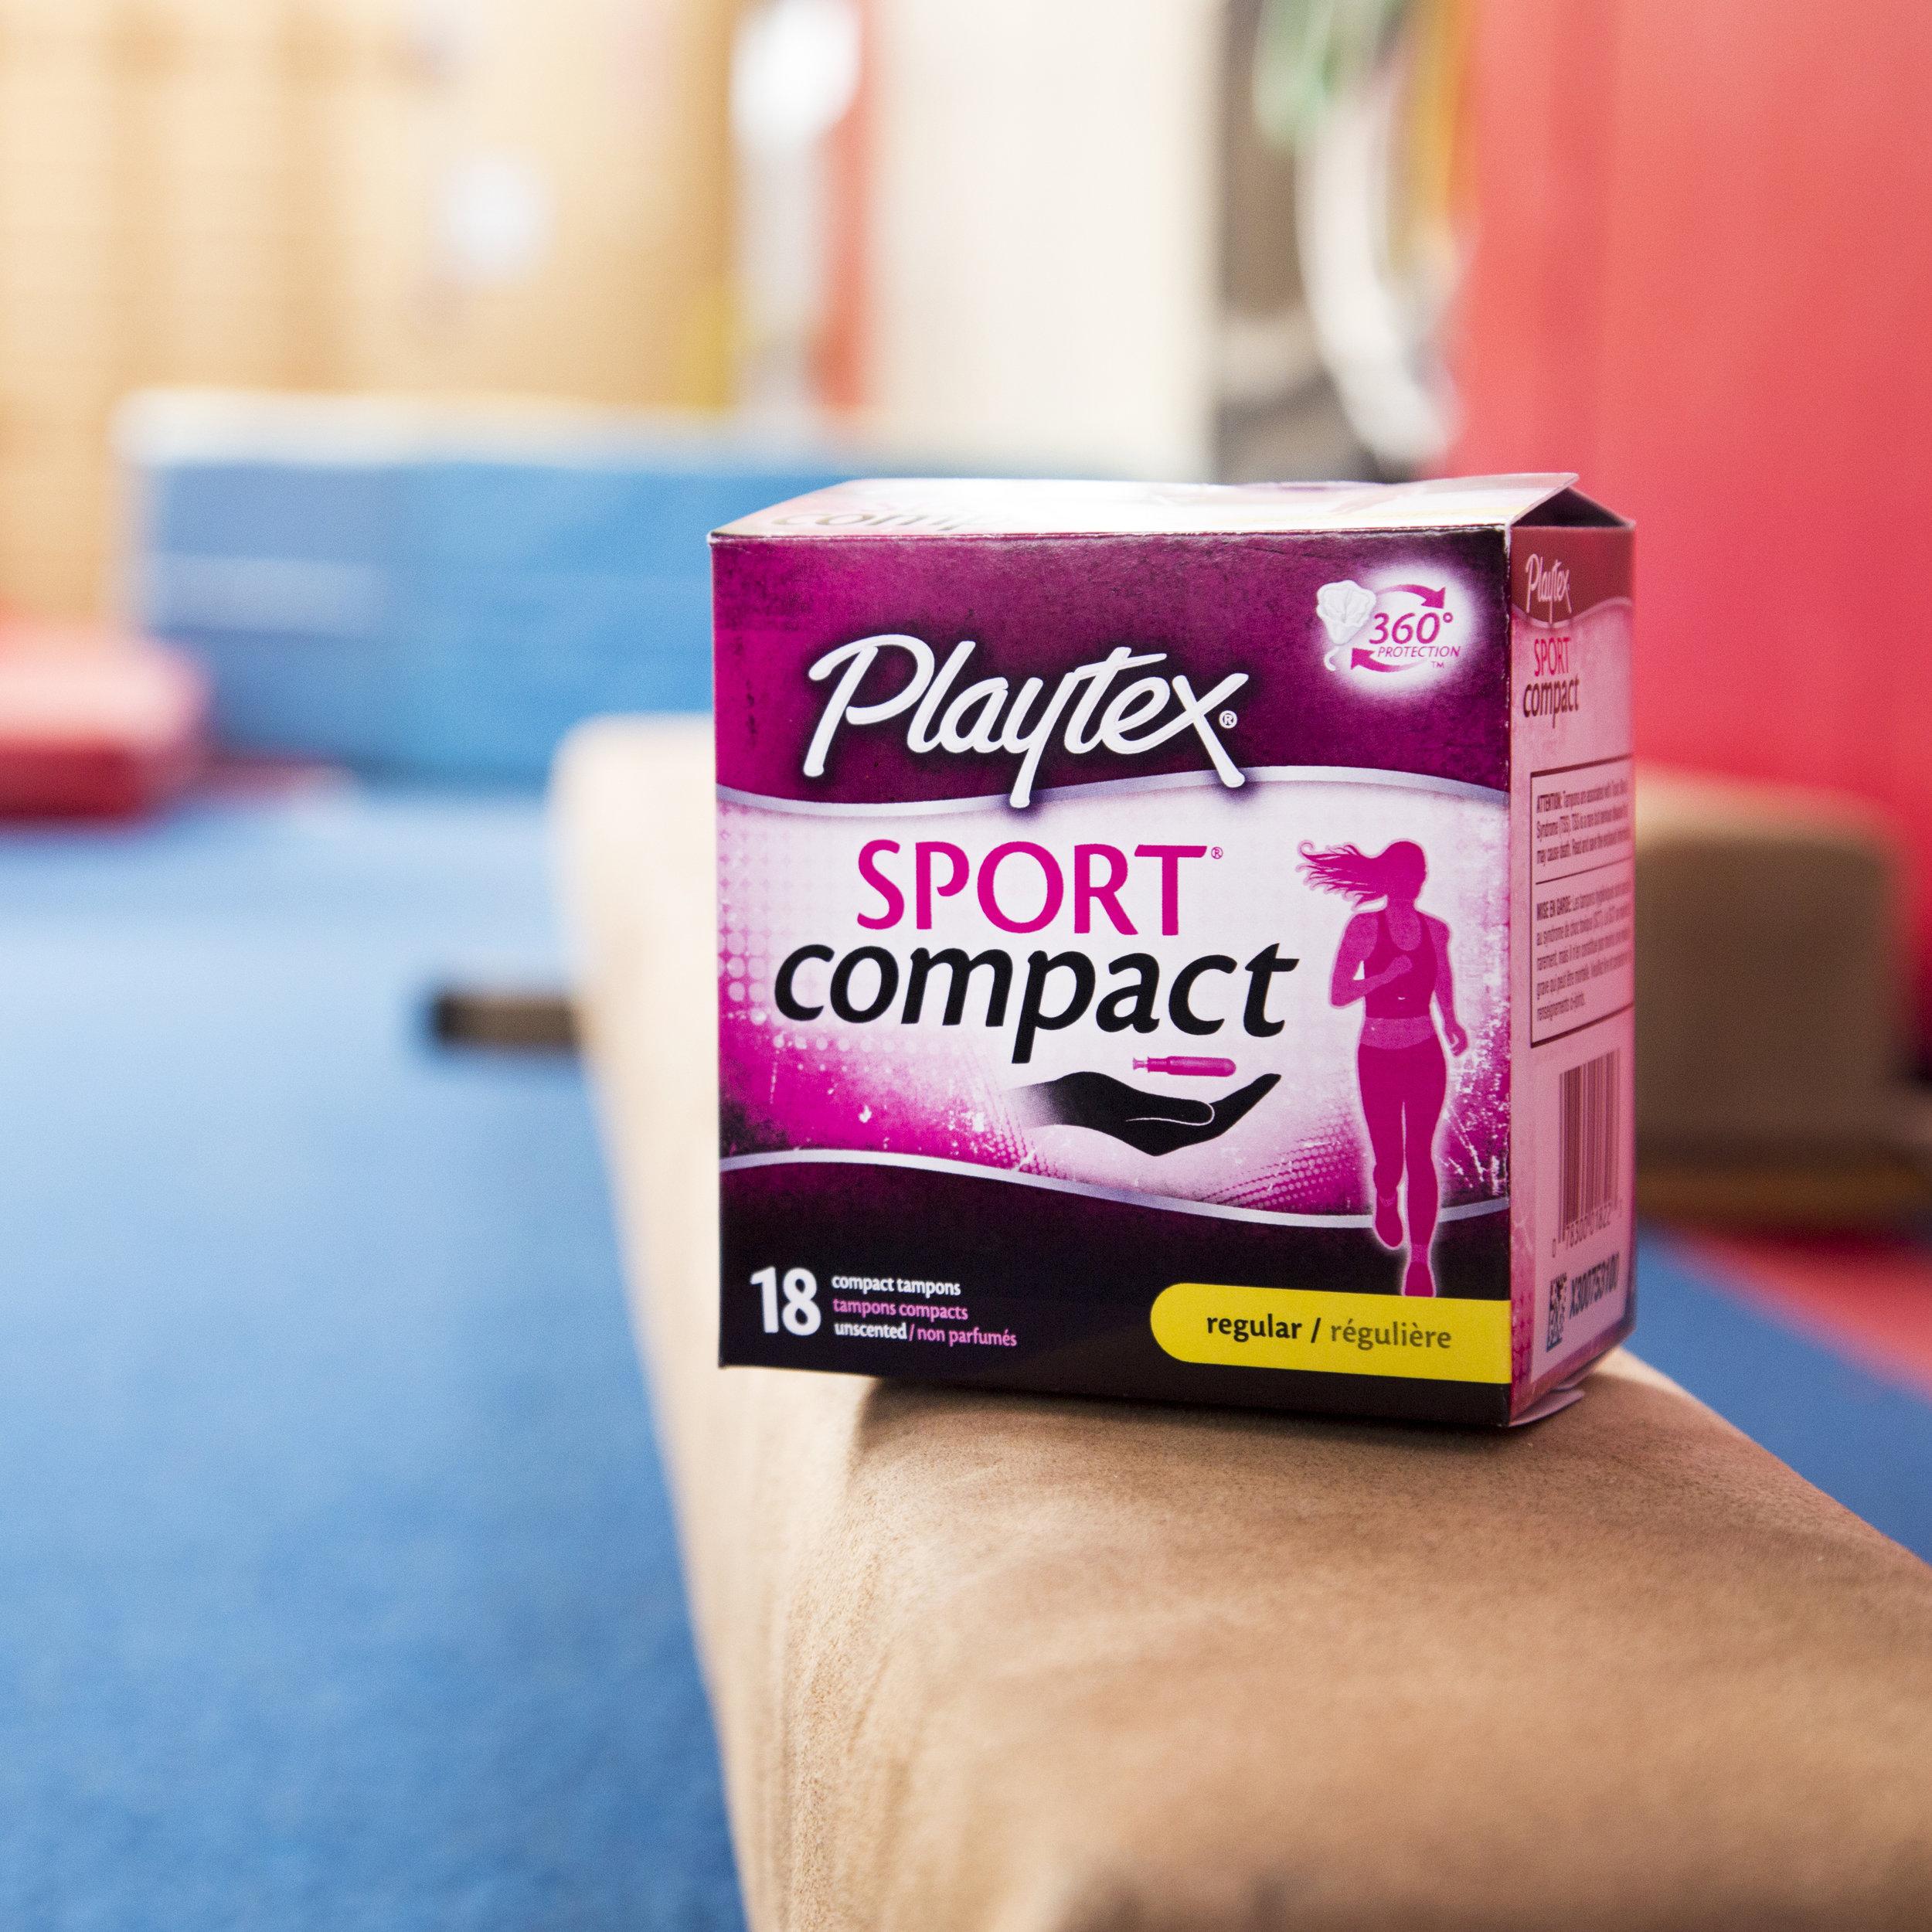 Playtex Sport Digital Ads